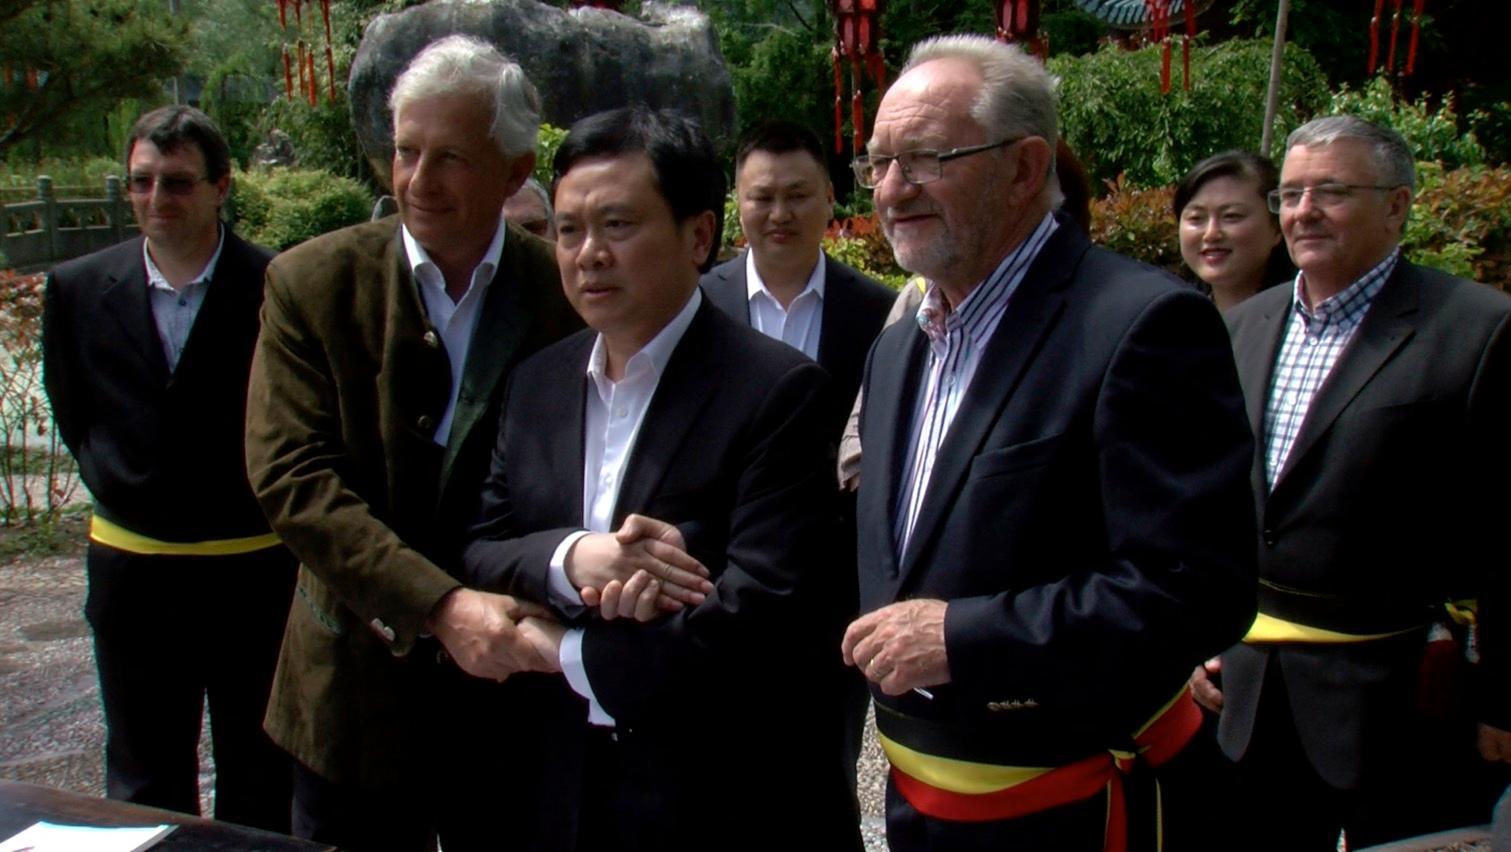 Une délégation chinoise en visite à Pairi Daiza